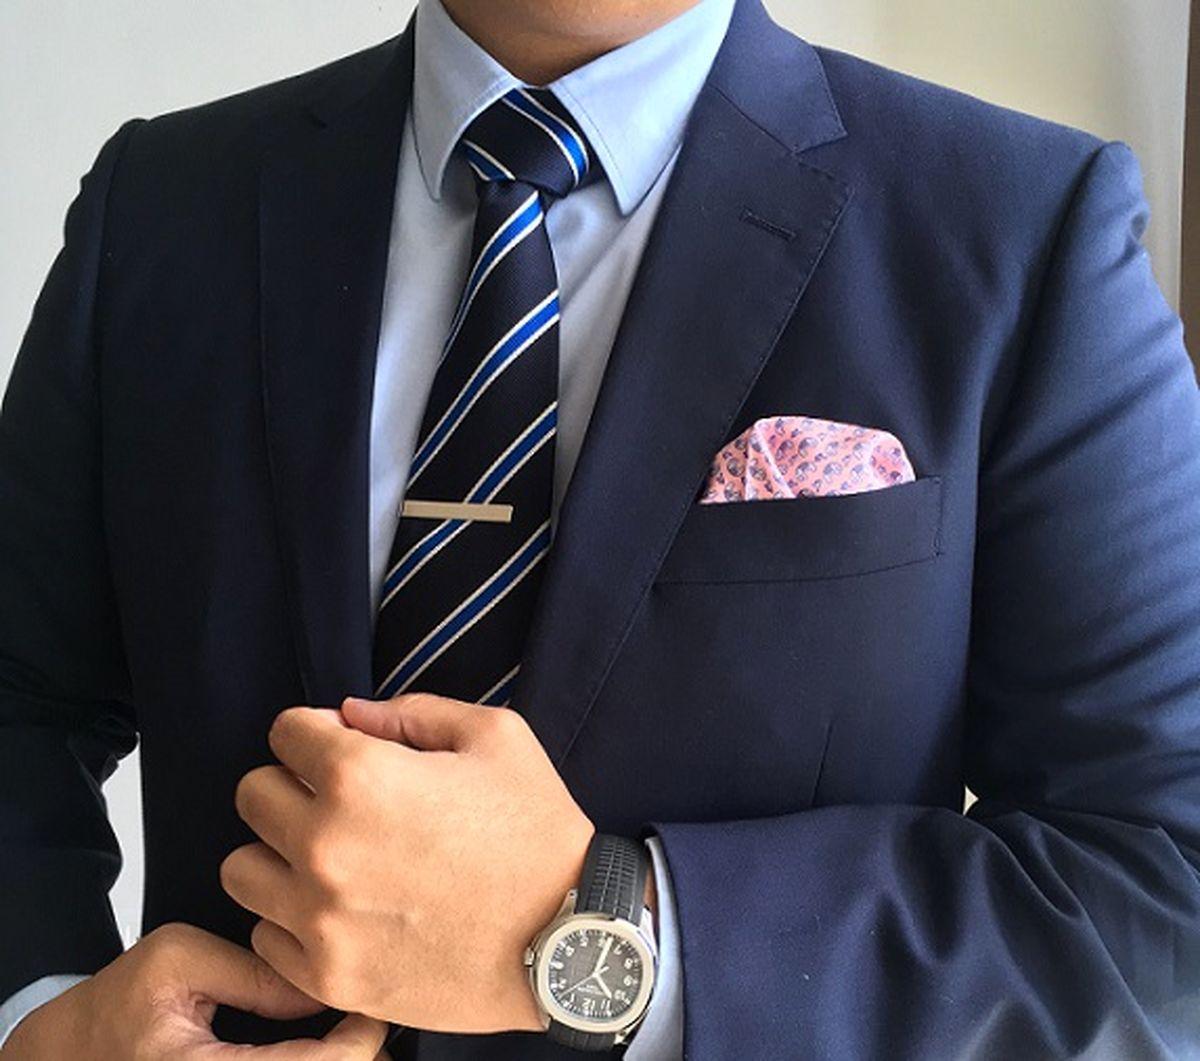 ساعت اسپرت یا رسمی مسئله  این است! کدام را بخرم؟